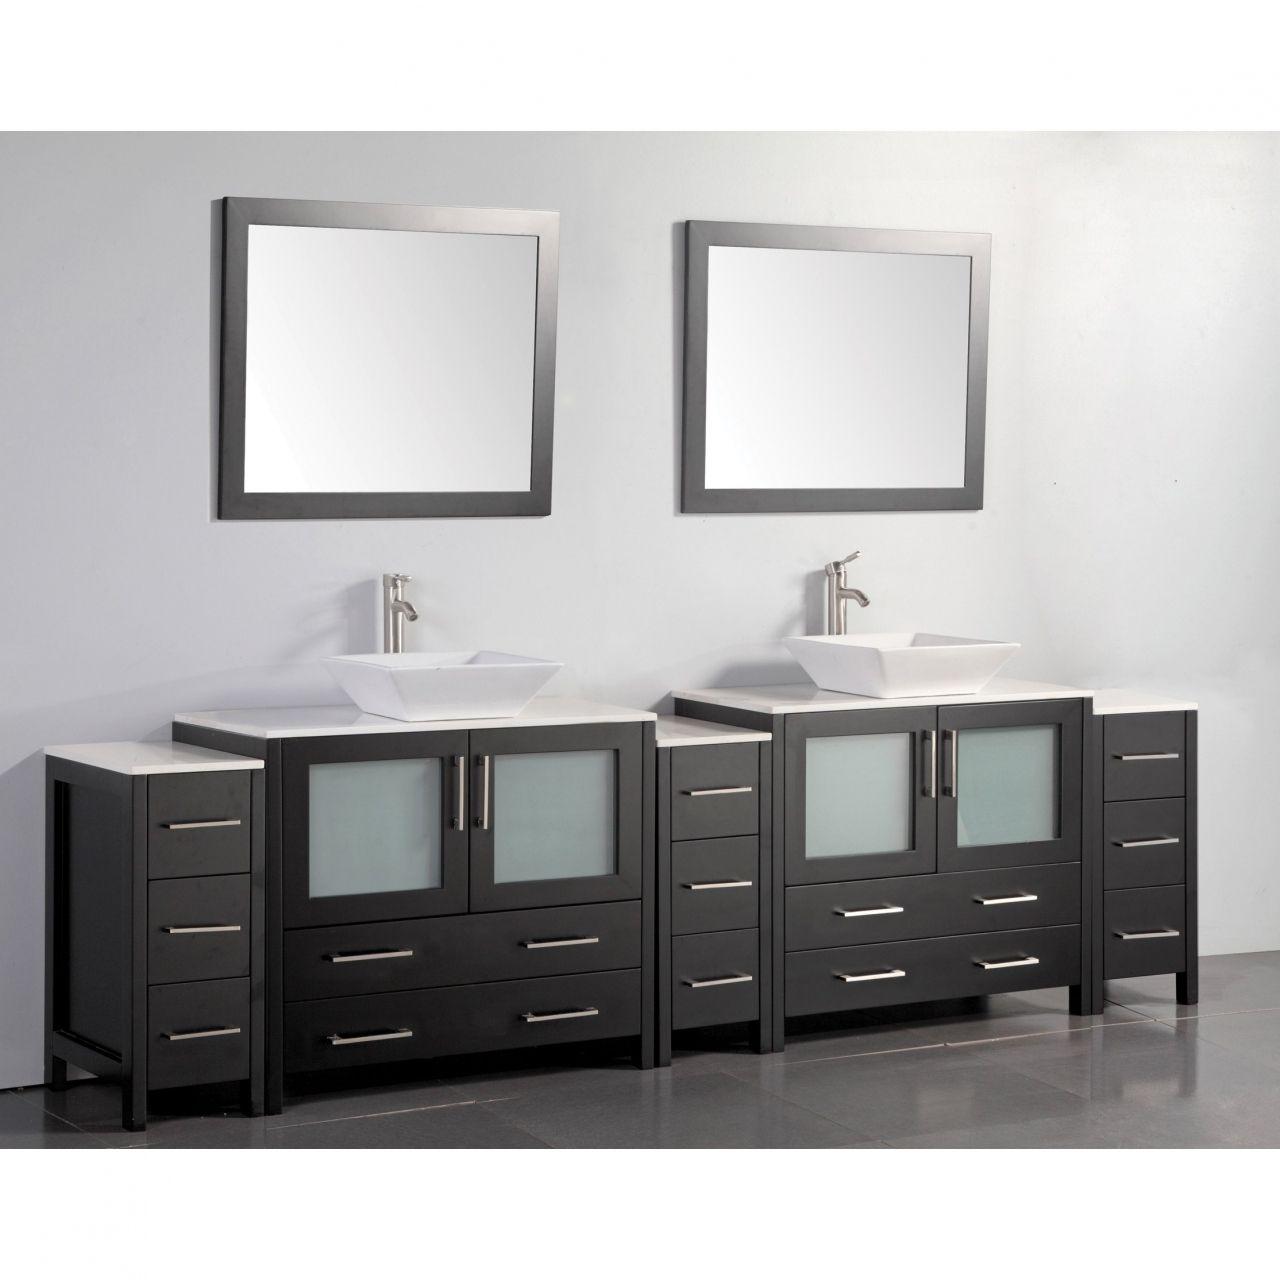 99 Bathroom Vanity White Marble Top Check More At Https Www Michelenails Com 20 Bathroom Va Bathroom Vanity Rustic Bathroom Vanities Japanese Style Bathroom